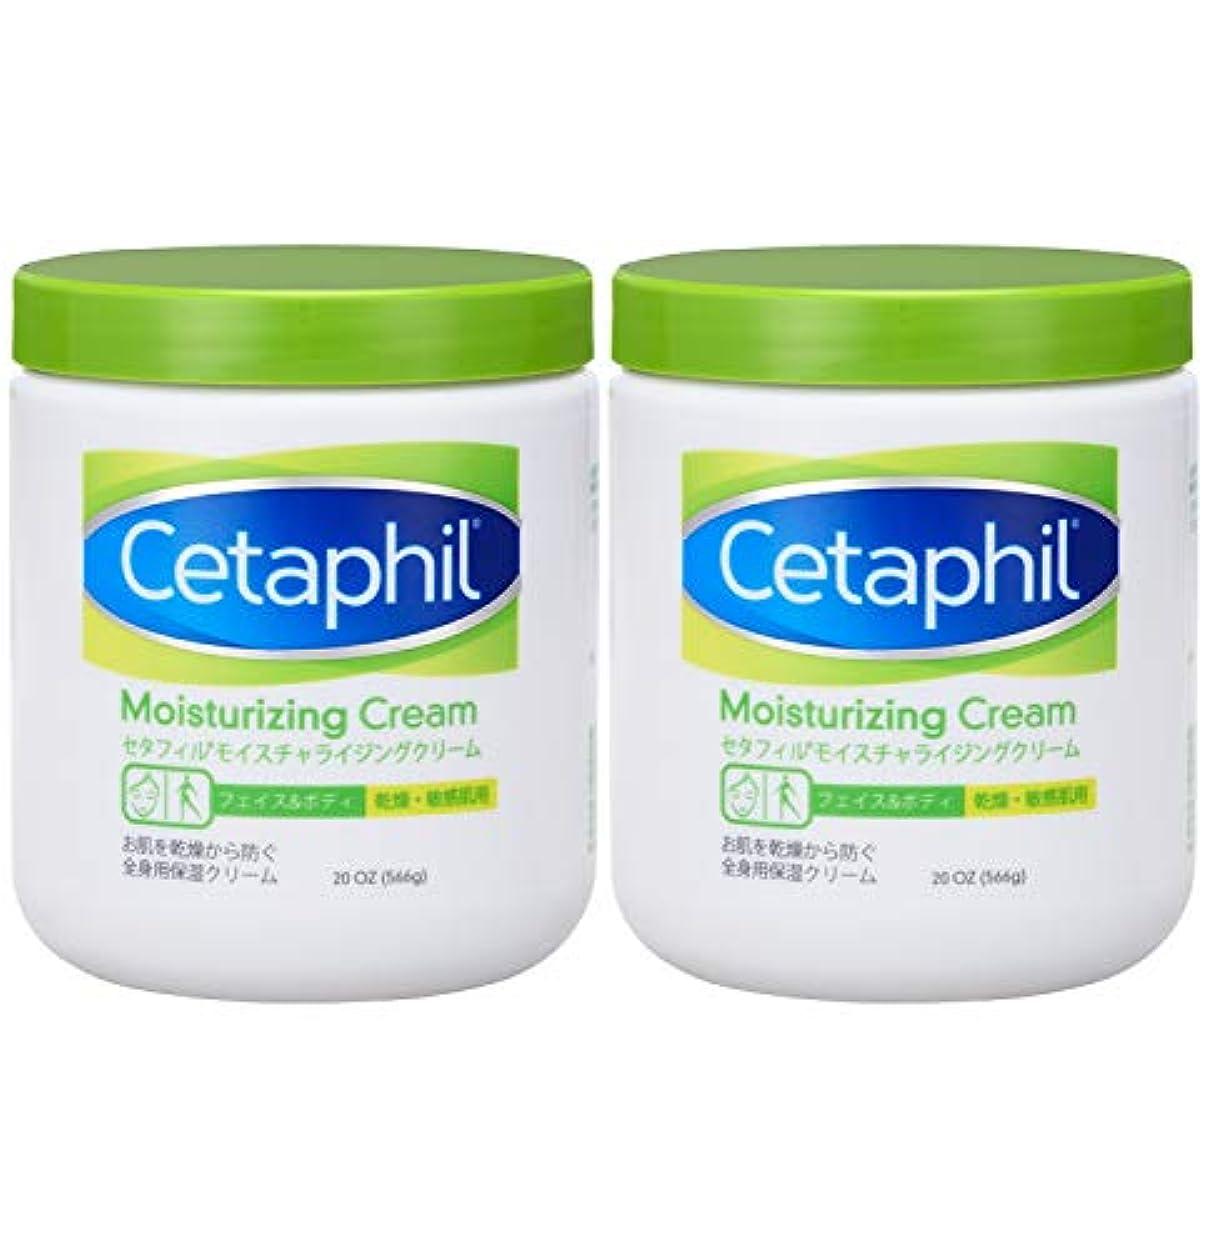 エイリアン罰罪人セタフィル Cetaphil ® モイスチャライジングクリーム 566ml 2本組 ( フェイス & ボディ 保湿クリーム クリーム )